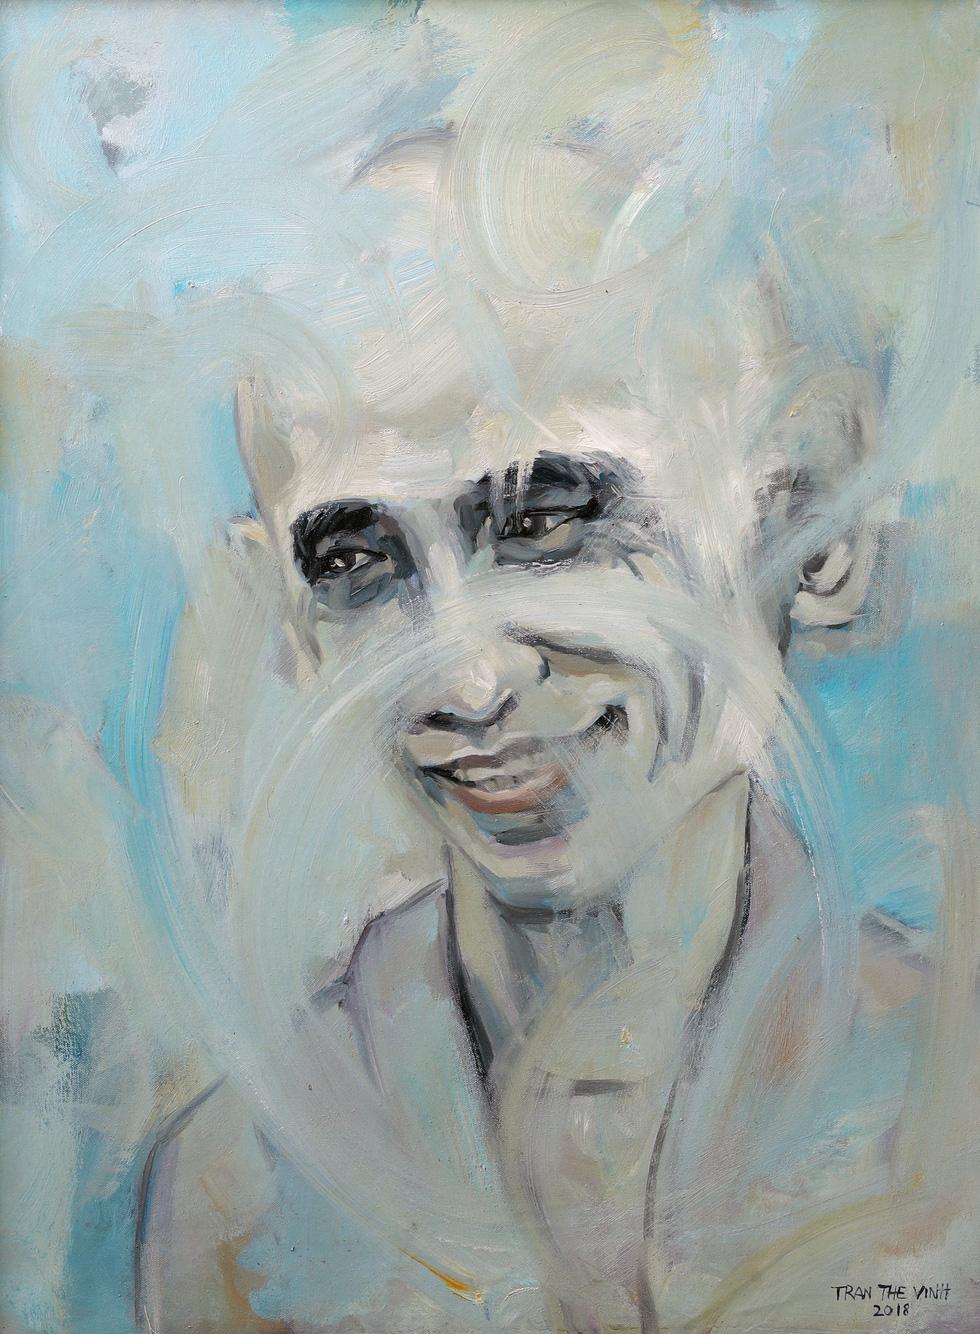 Ngắm chân dung các văn nghệ sĩ, trí thức tài hoa và truân chuyên - Ảnh 16.